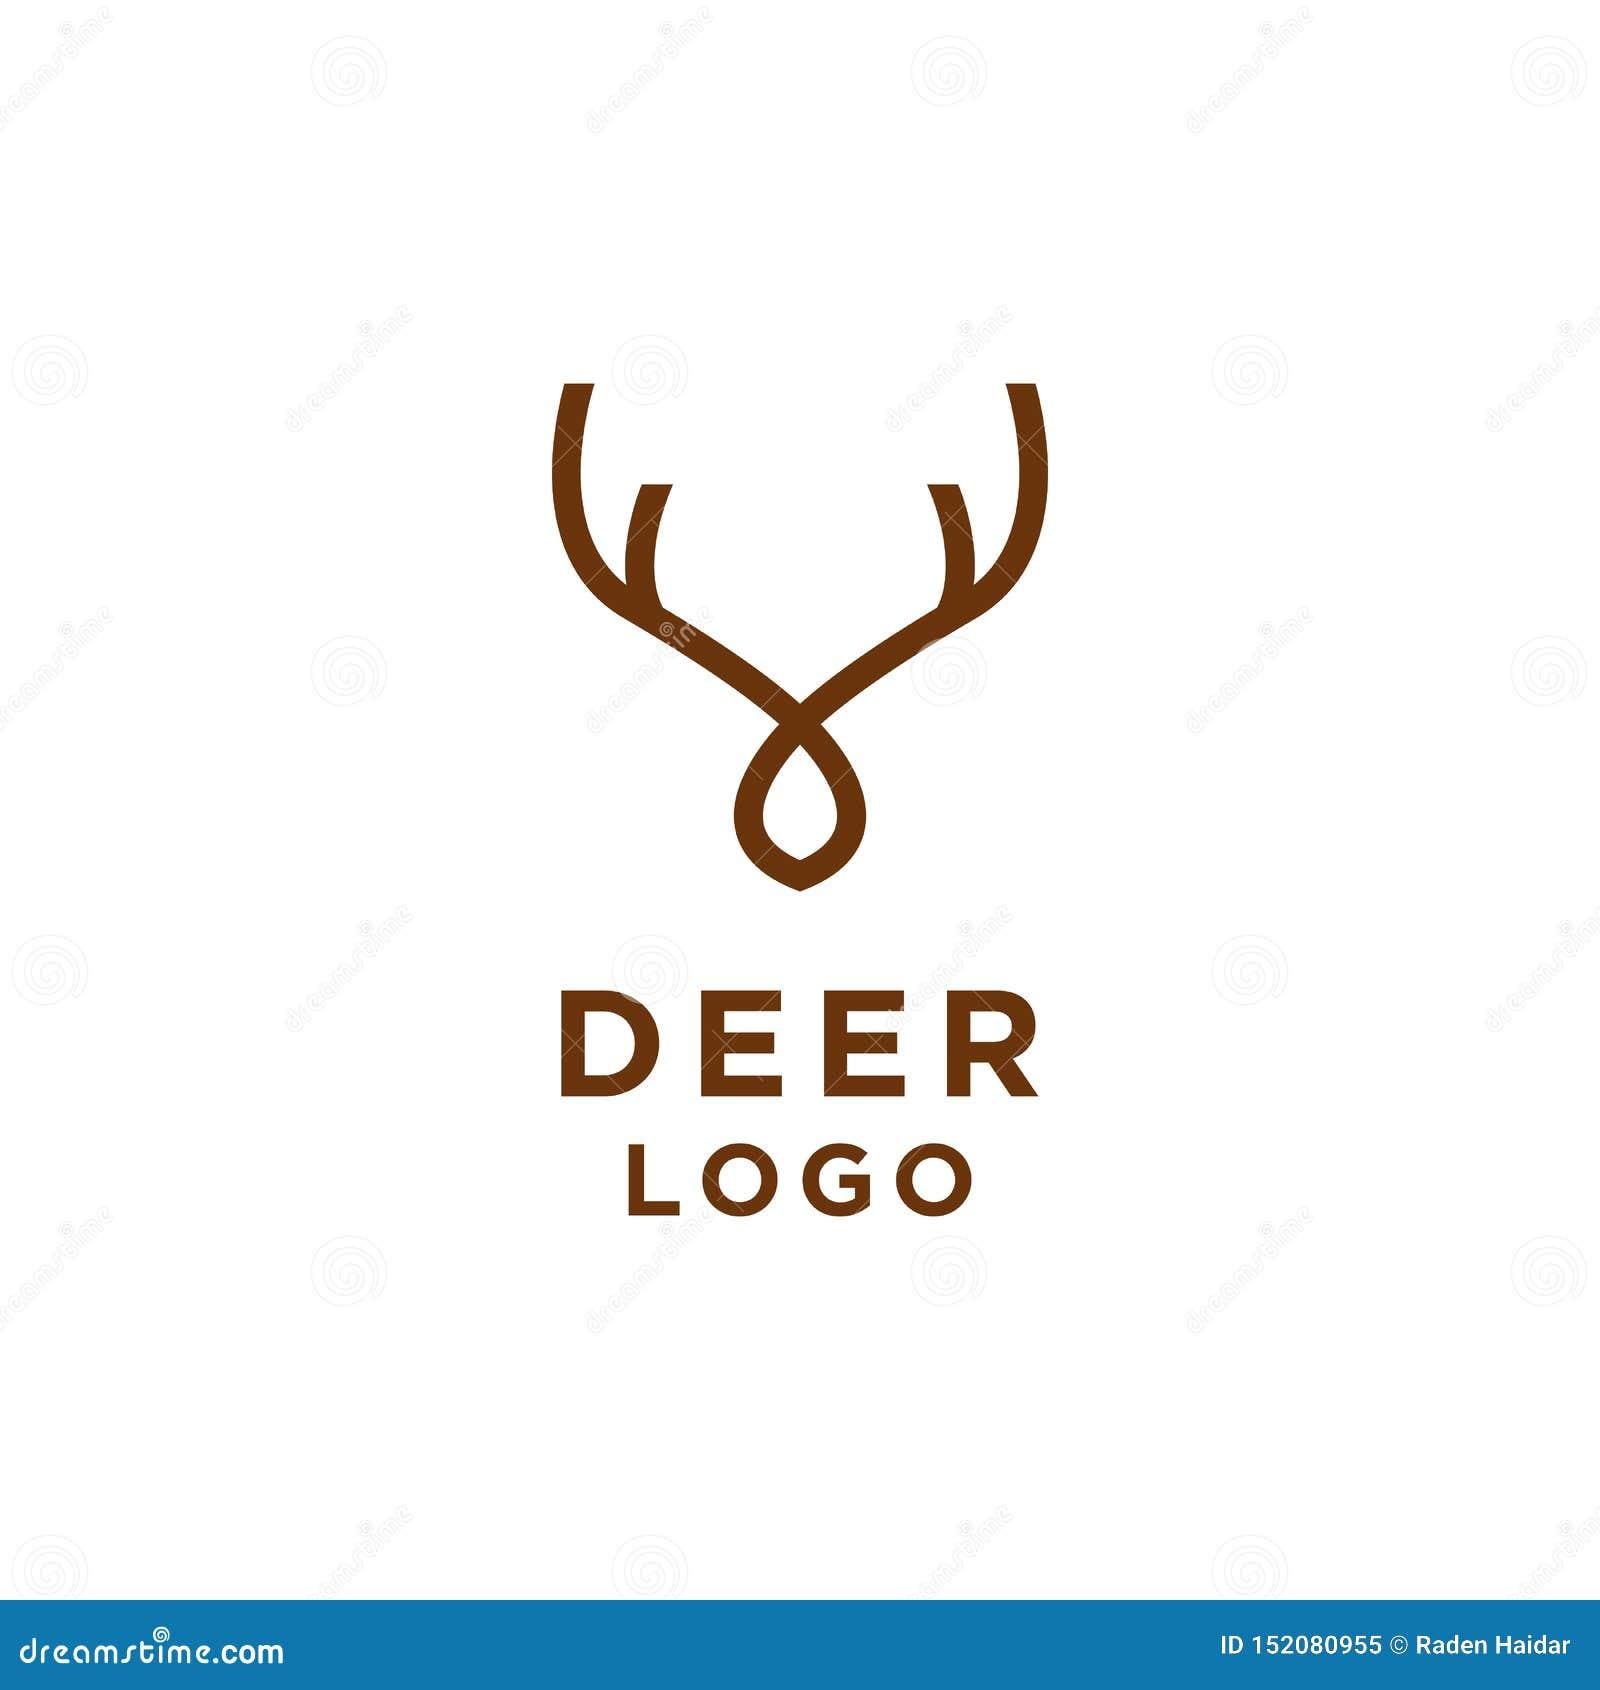 Jeleniego logo minimalistyczny kreskowy styl